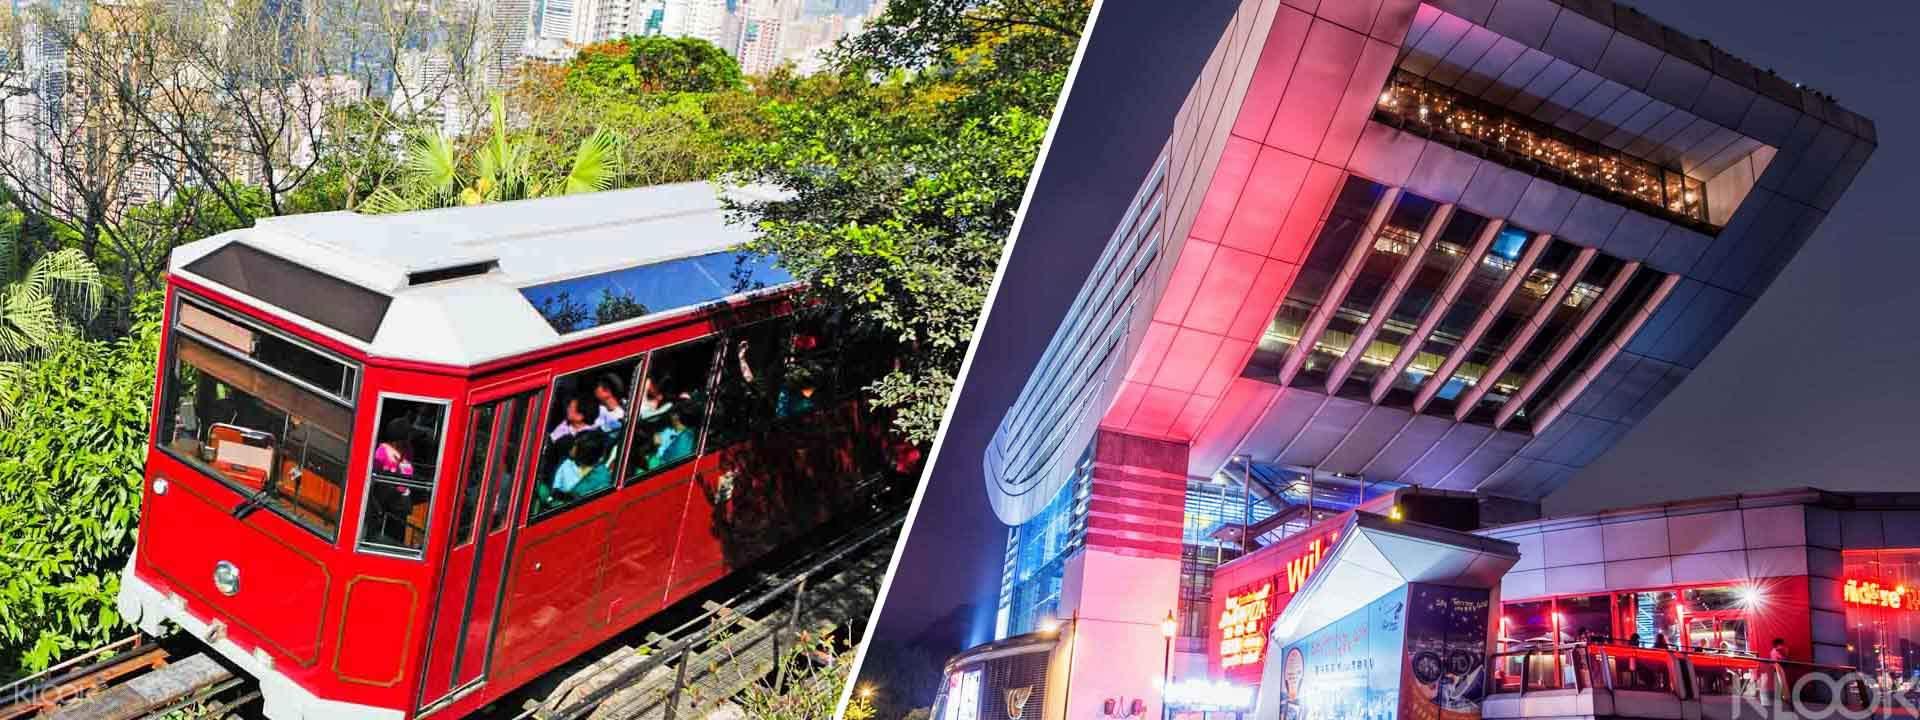 Hong Kong Peak Tram E-Ticket